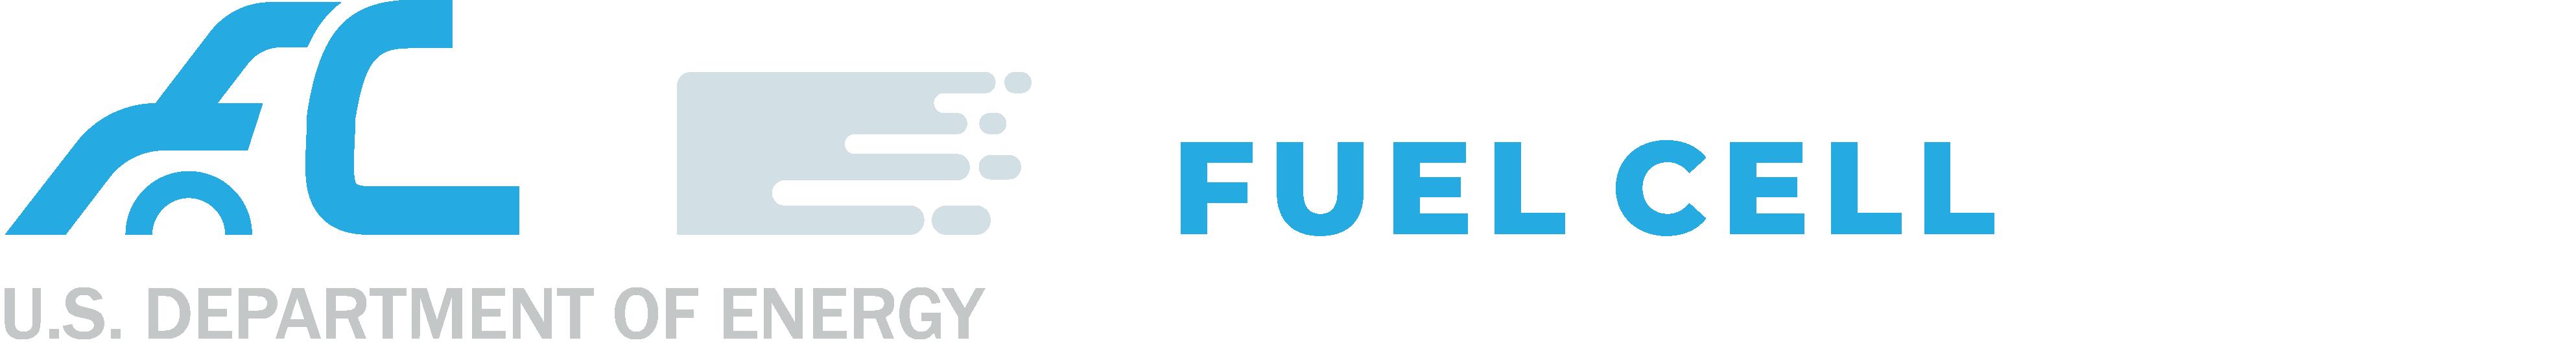 M2FCT